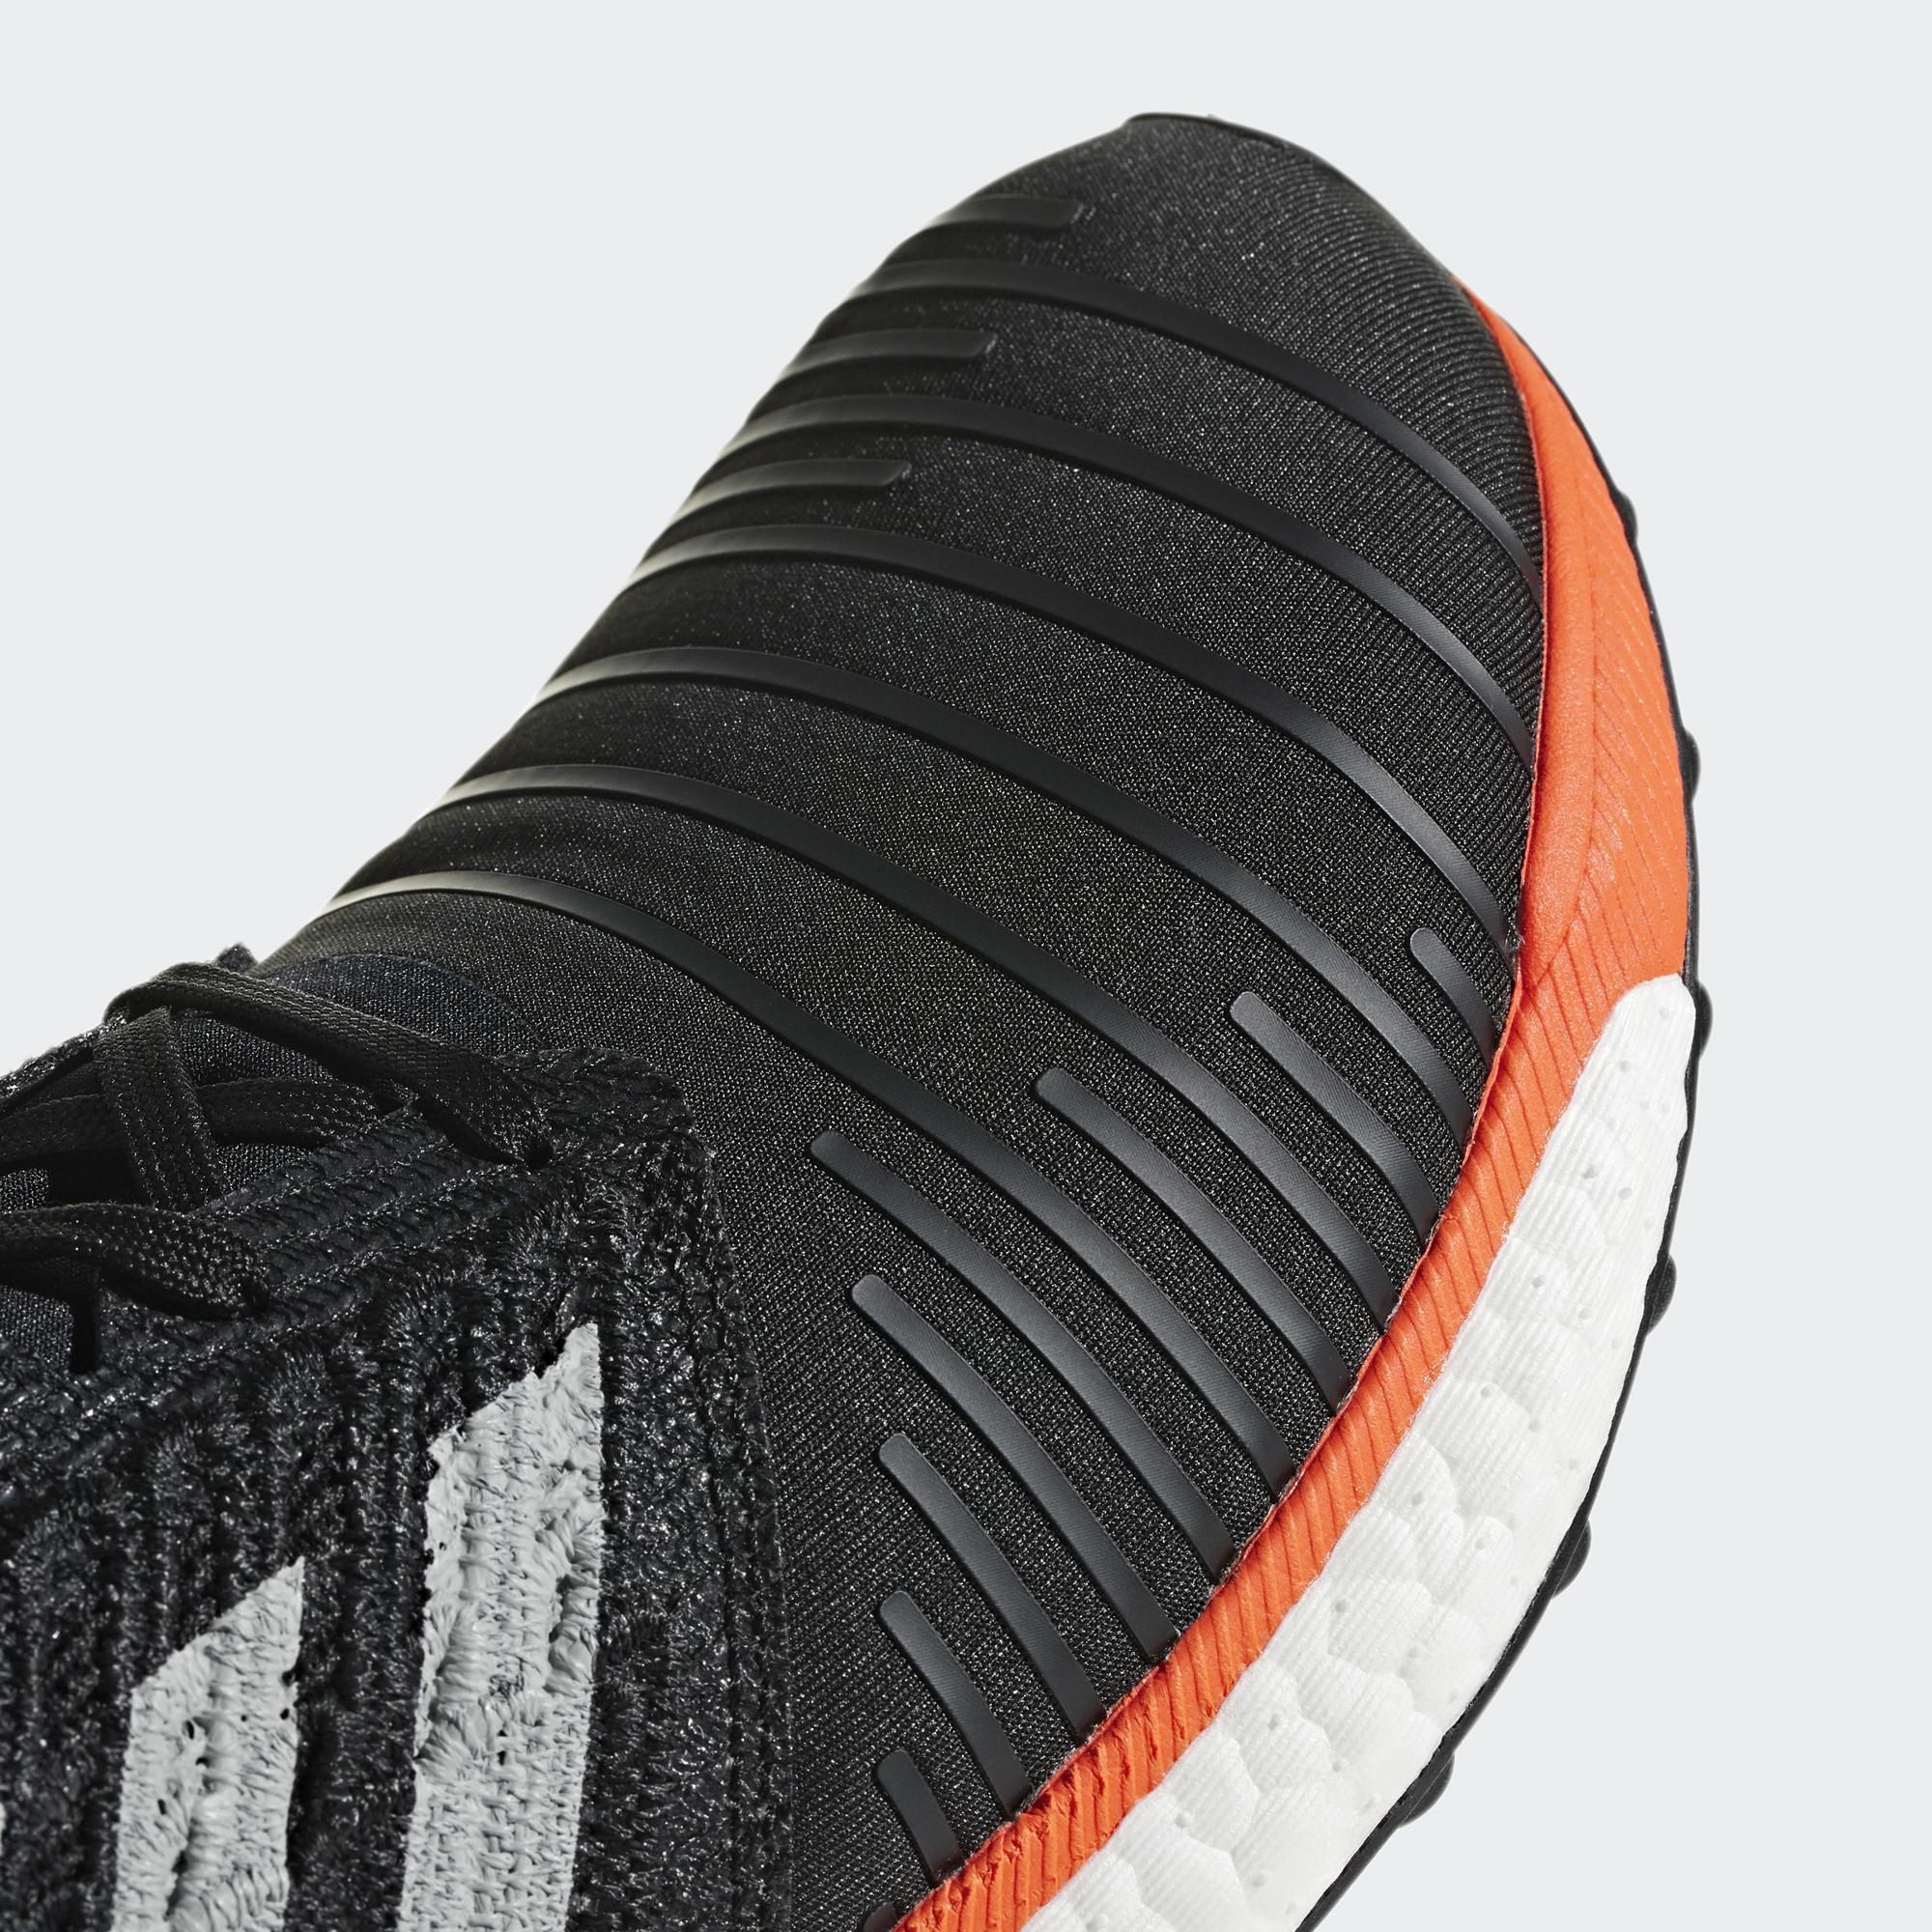 8efaeefd63d Adidas Mens Solar Boost Running Shoes - Black Grey Aqua - Tennisnuts.com